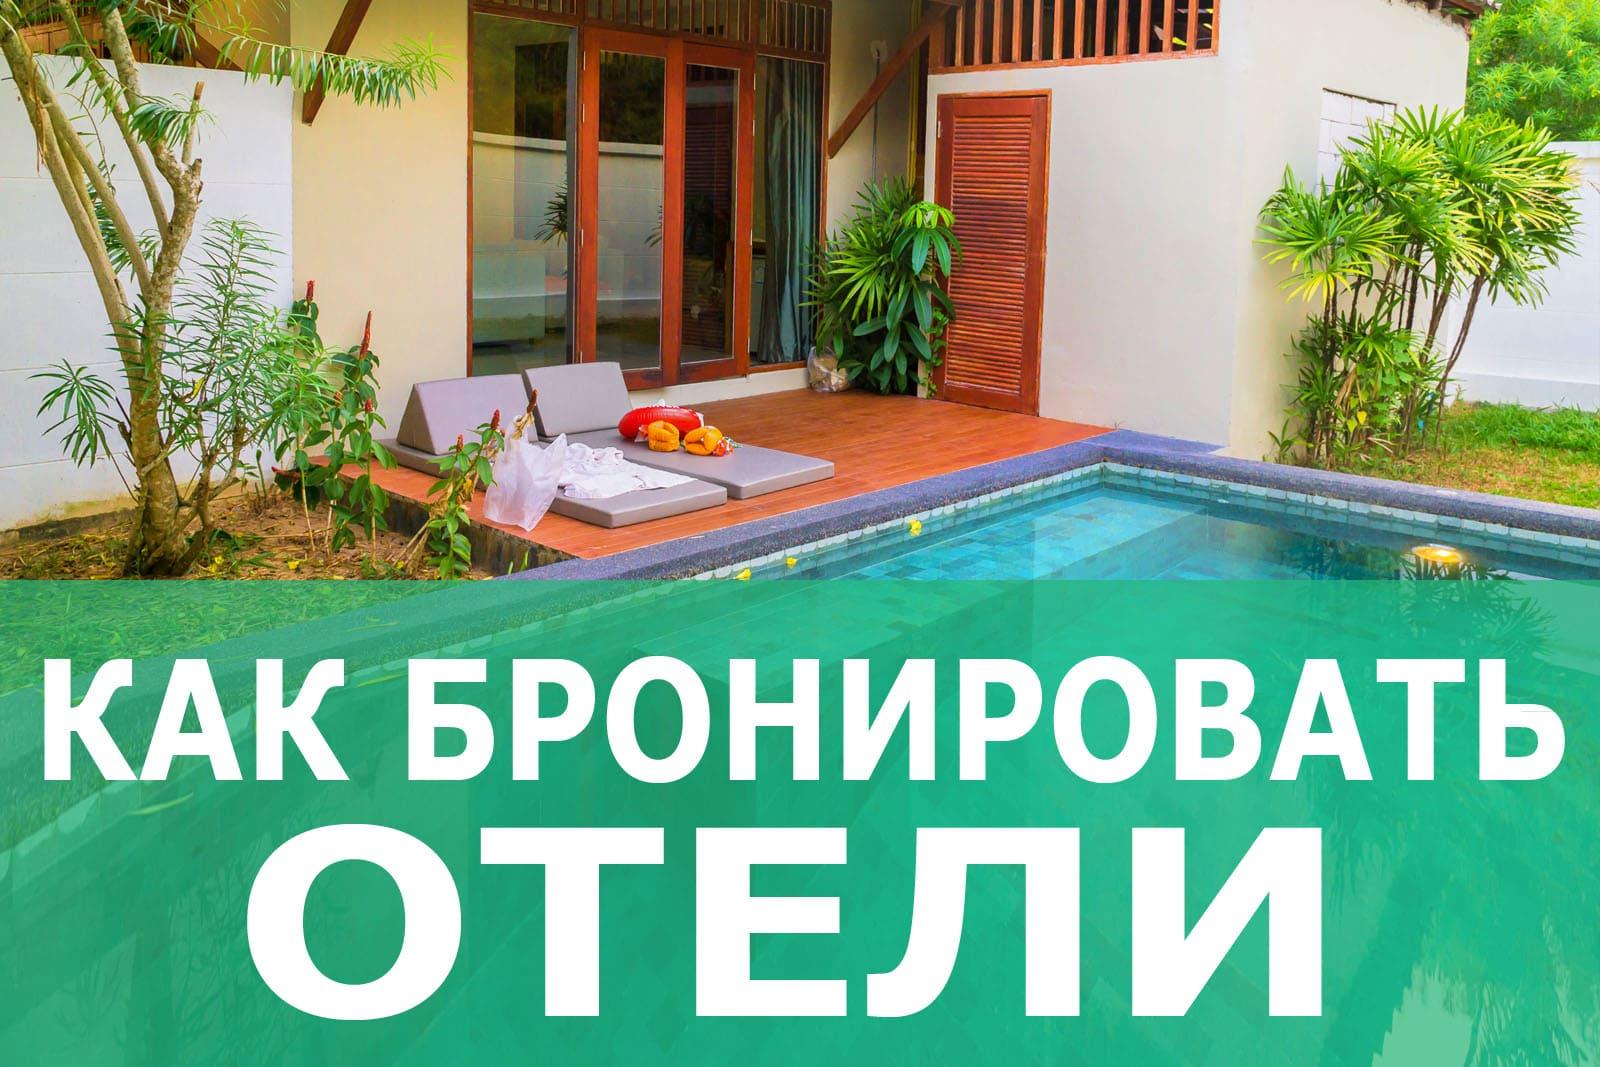 Забронировать отель в тайланде самостоятельно купить авиабилет по россии lang ru